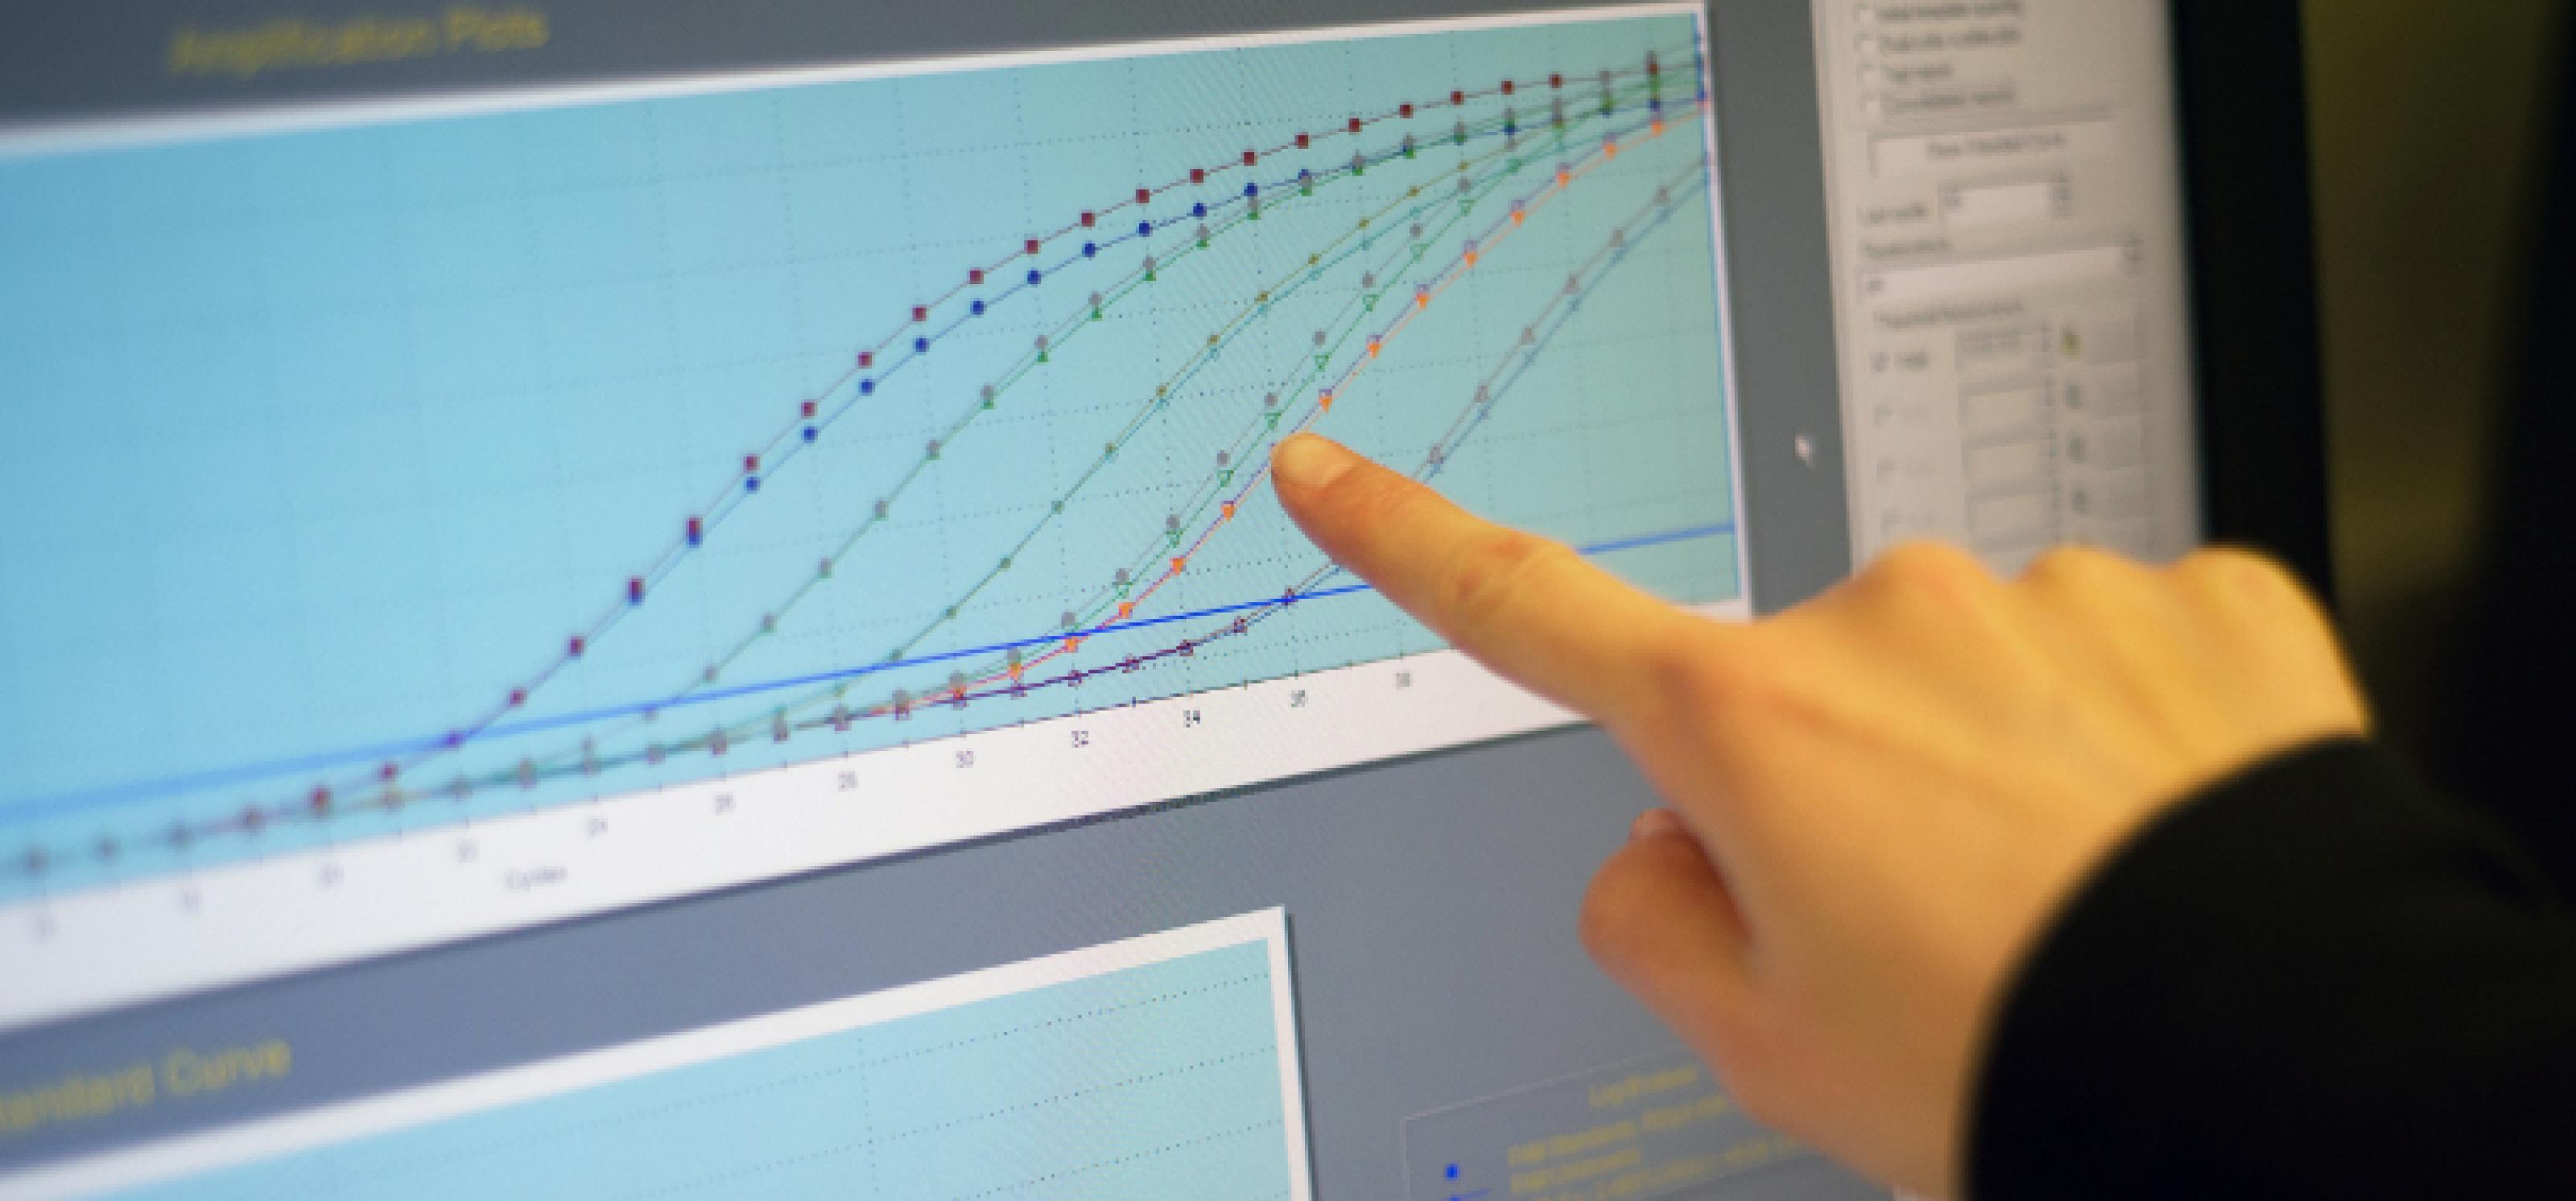 Eine Hand mit ausgestrecktem Zeigefinger zeigt auf ein Kurvendiagramm auf einem Computerbildschirm